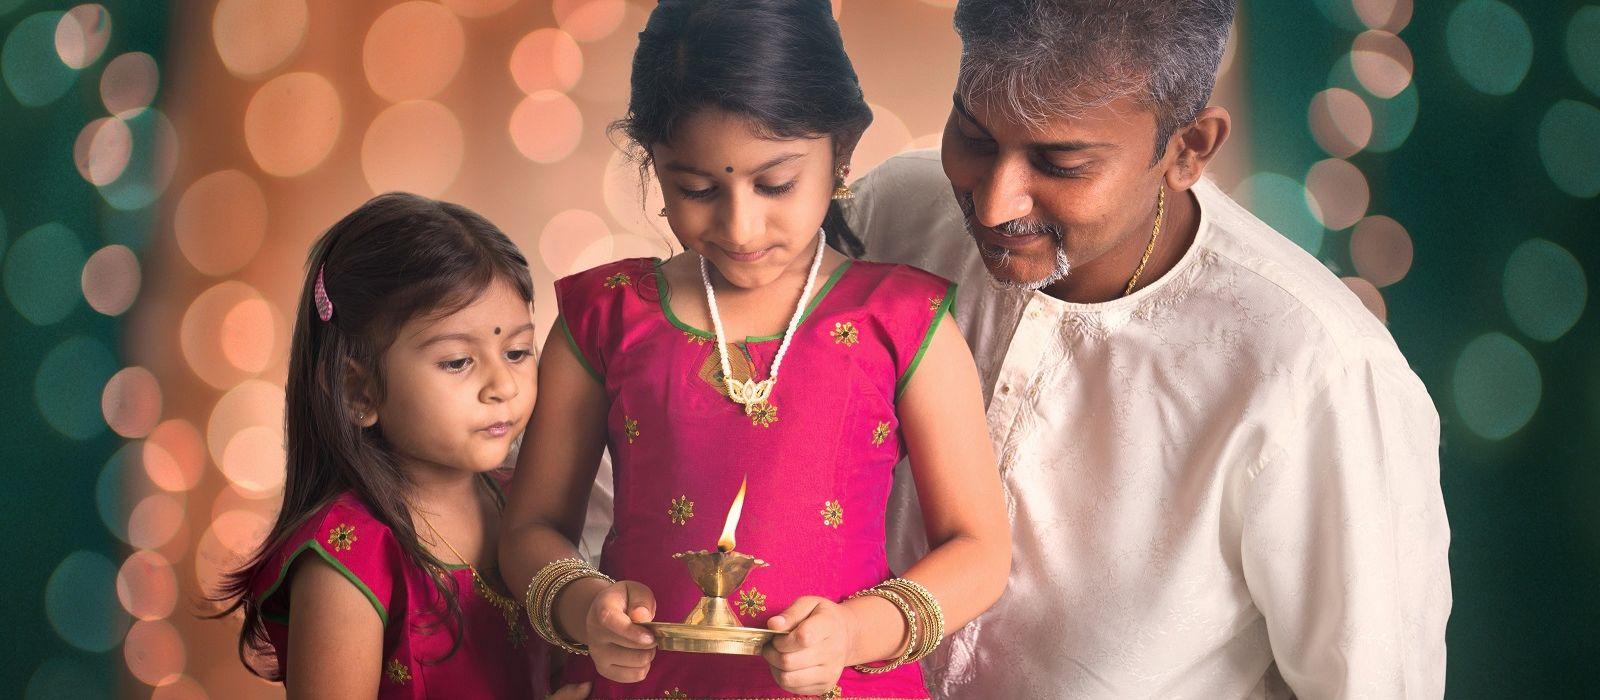 Das Fest der Lichter: Diwali in Indien Urlaub 1